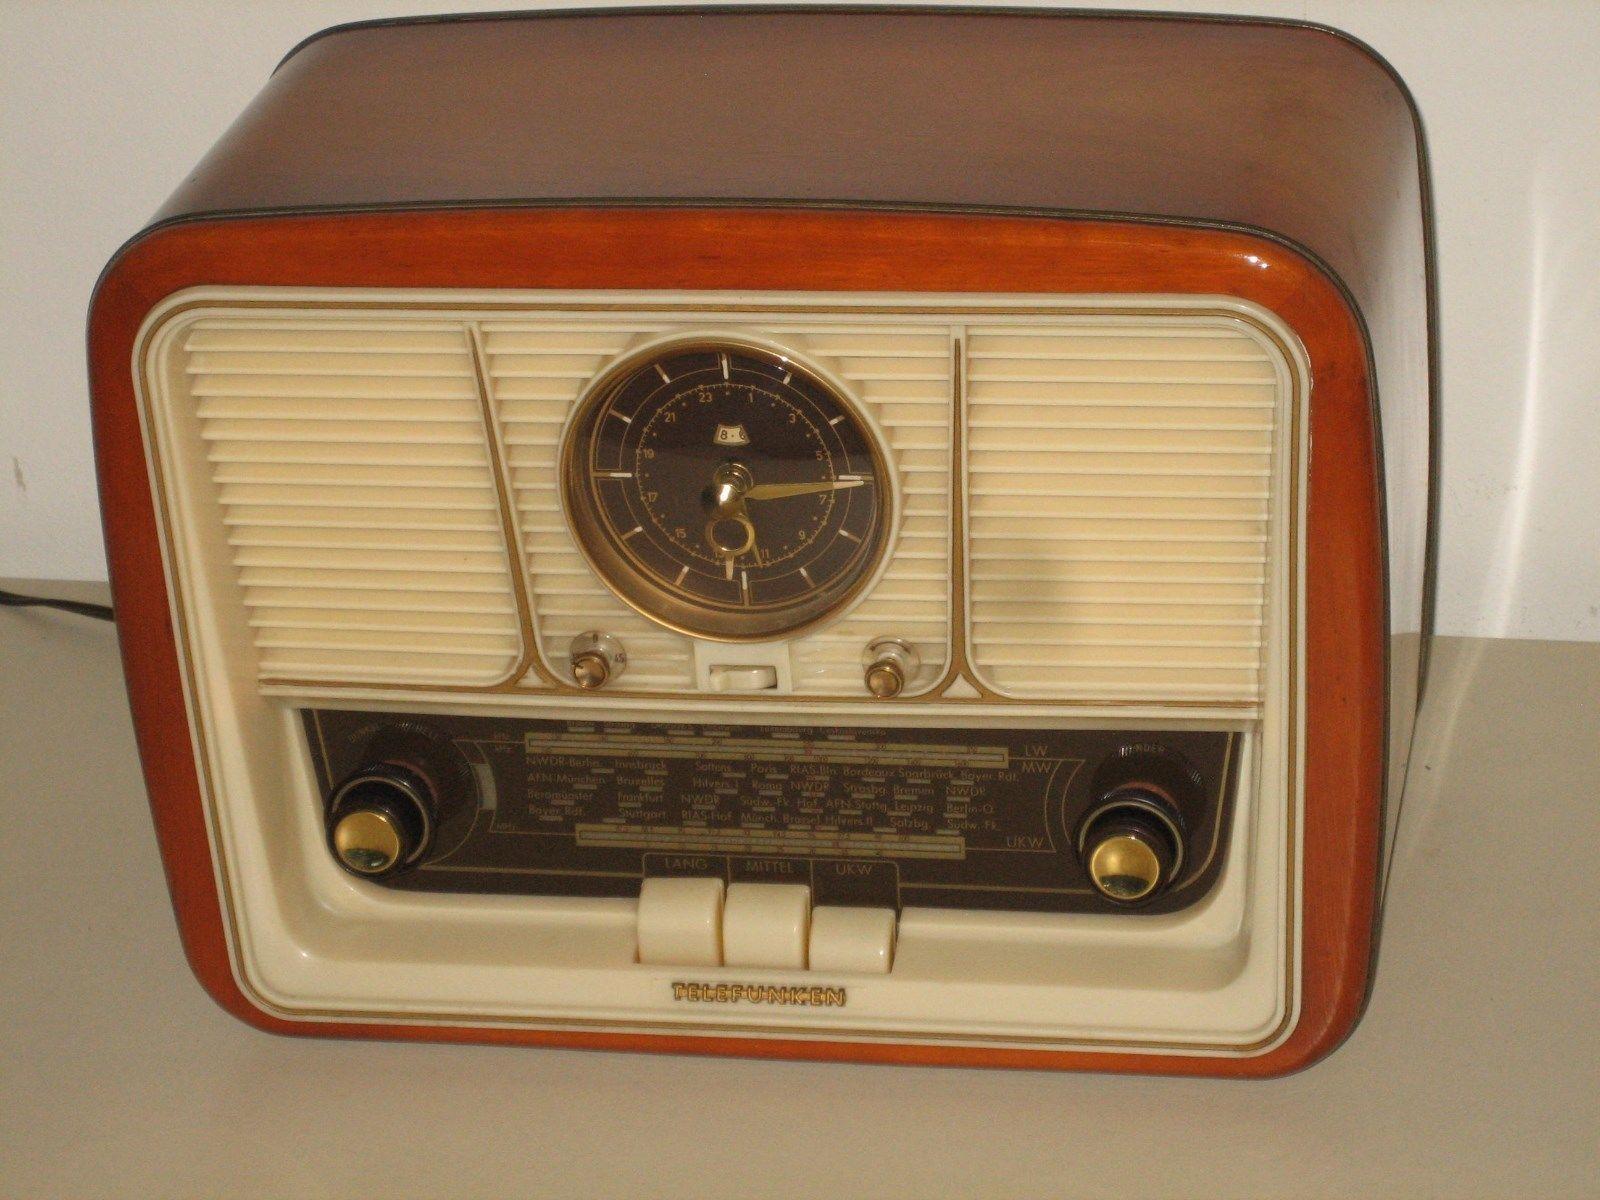 Details zu Röhrenradio Telefunken Jubilate mit Uhr, funktioniert ...